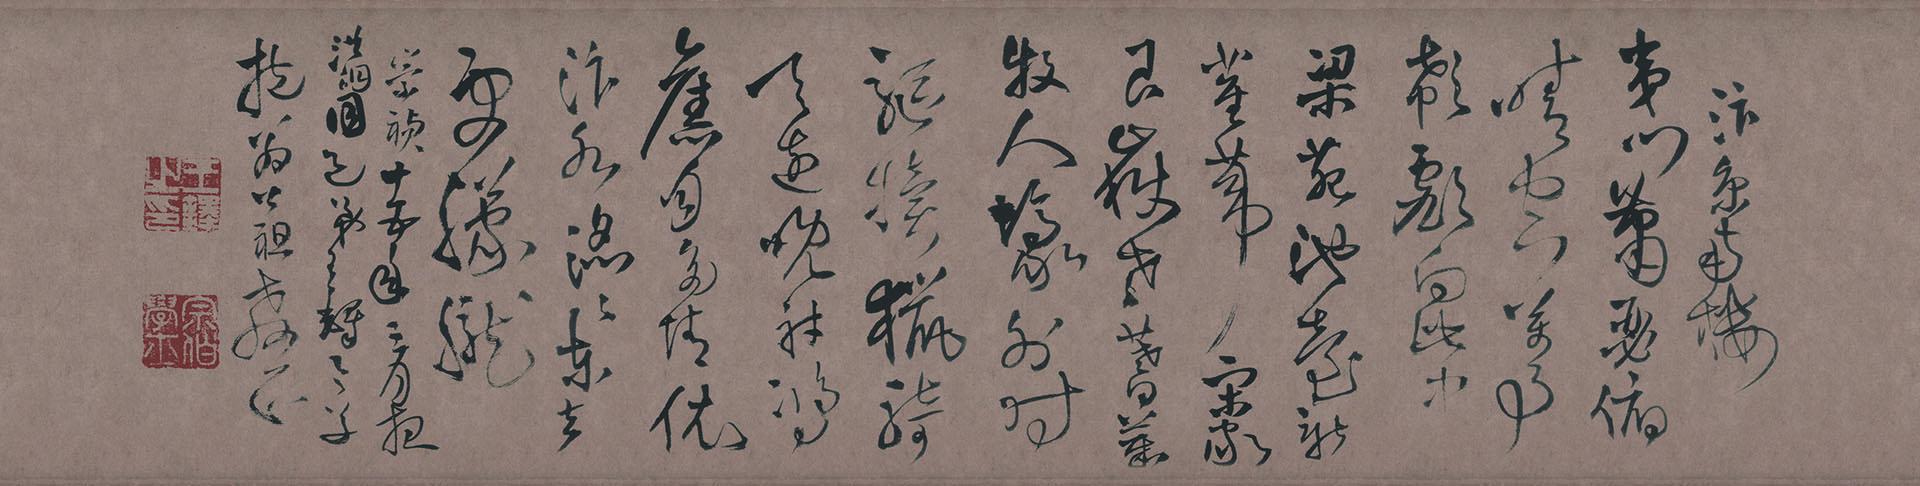 明 王铎 草书忭京南楼诗卷30X102